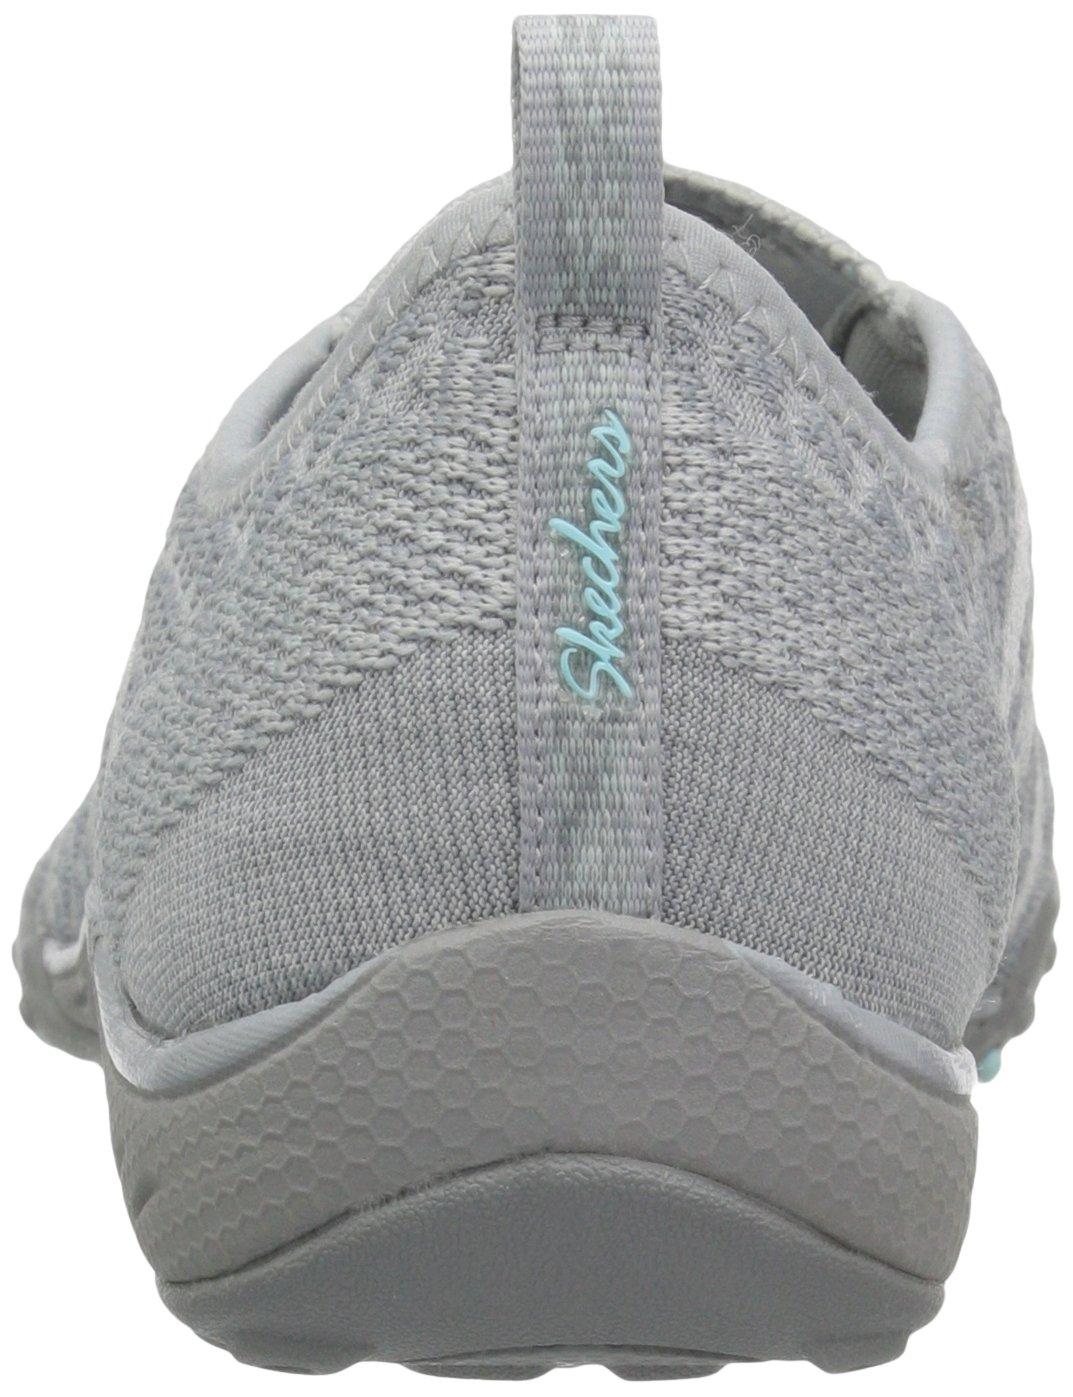 Skechers Sport Women's Breathe Easy Fortune Fashion Sneaker,Grey Knit,5.5 M US by Skechers (Image #2)